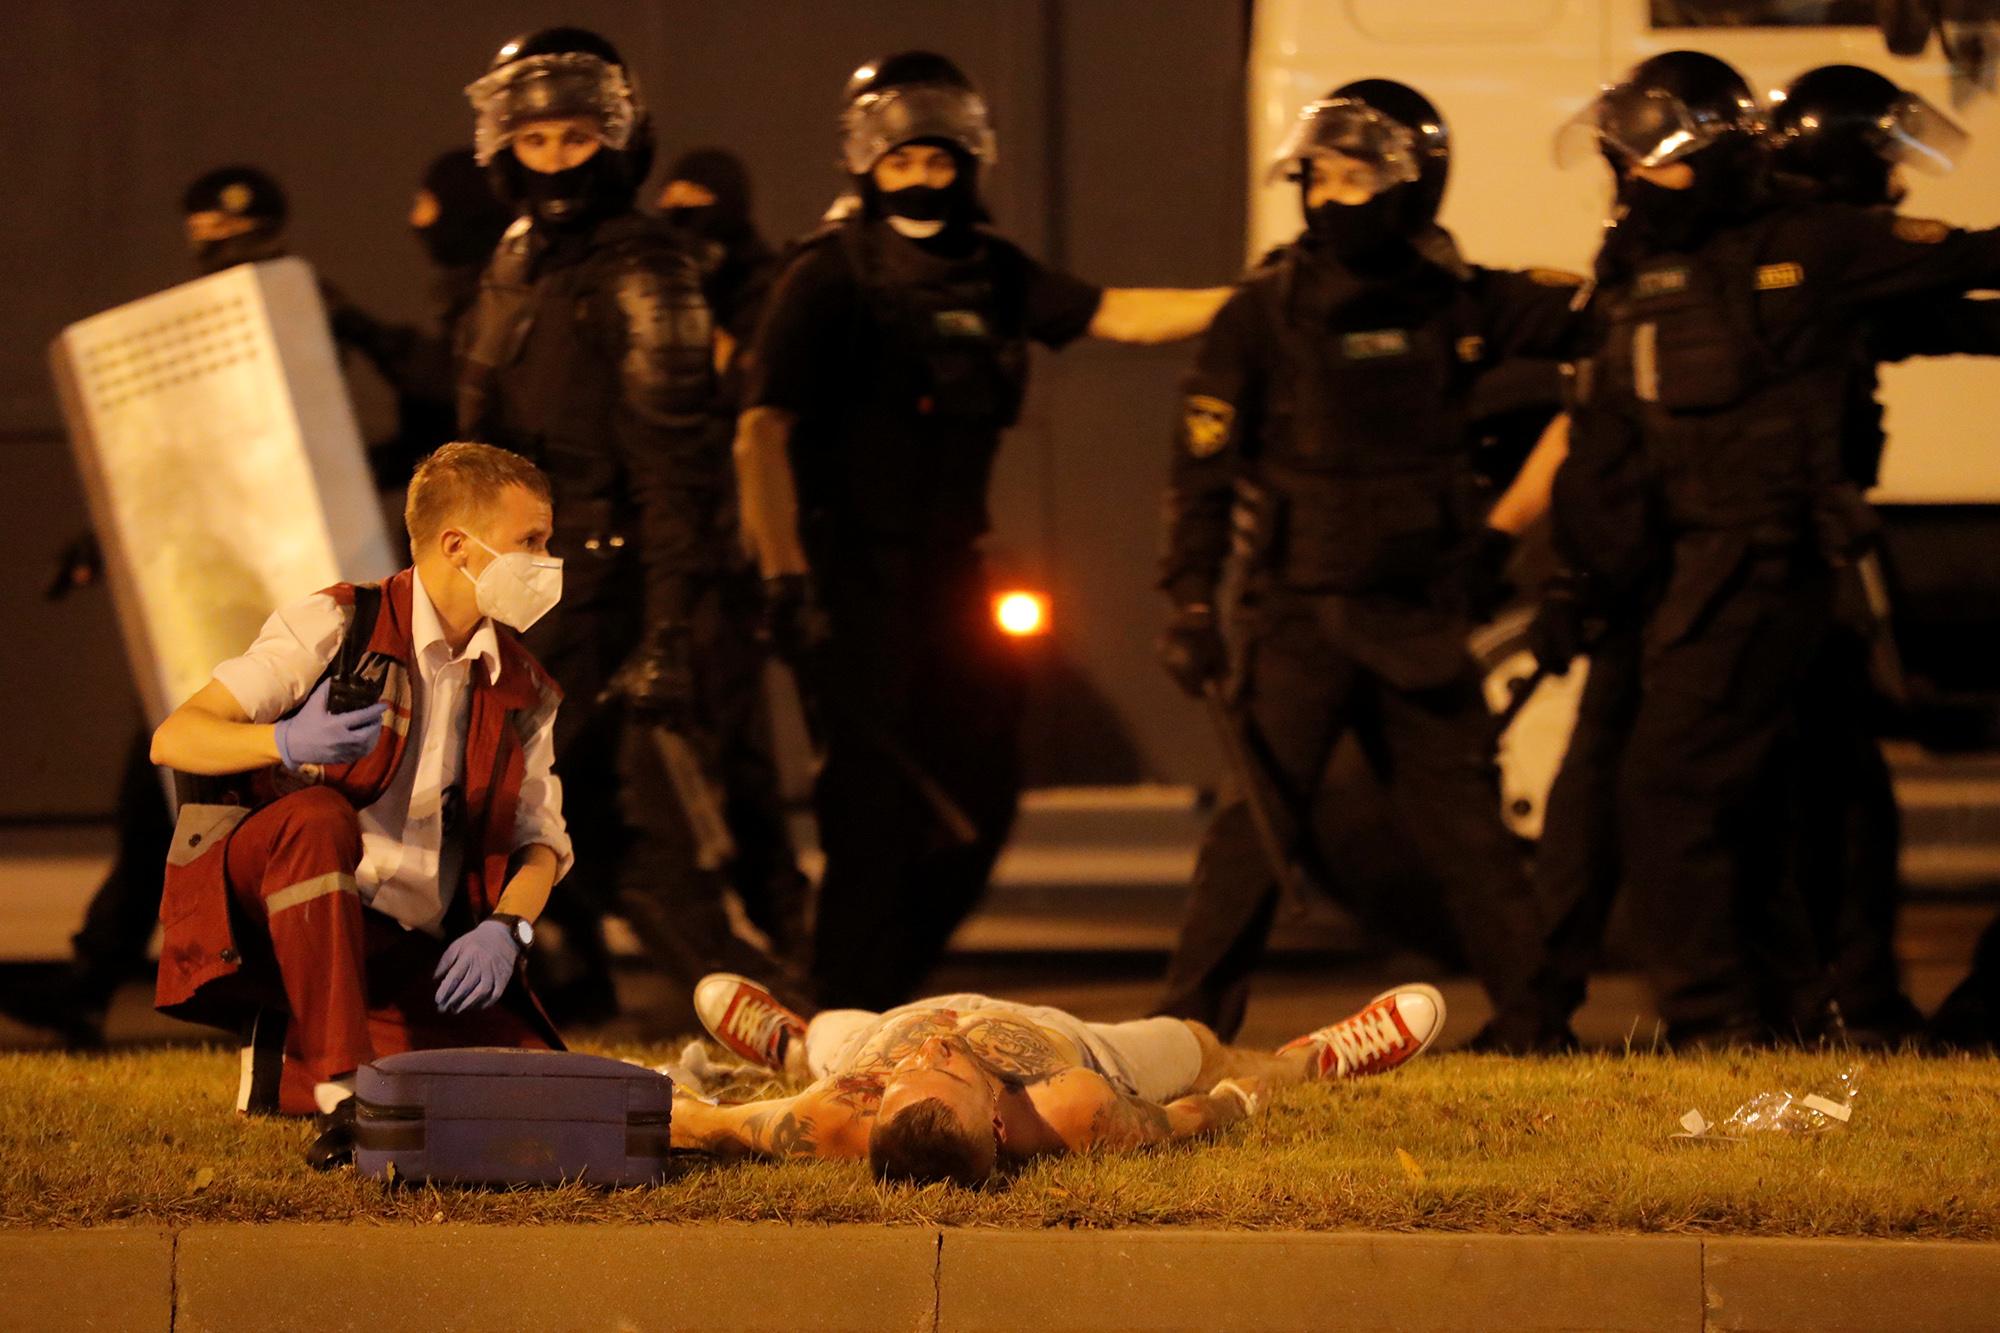 Пострадавший всхватке сполицией протестующий лежит натраве иждет, когда ему окажут помощь